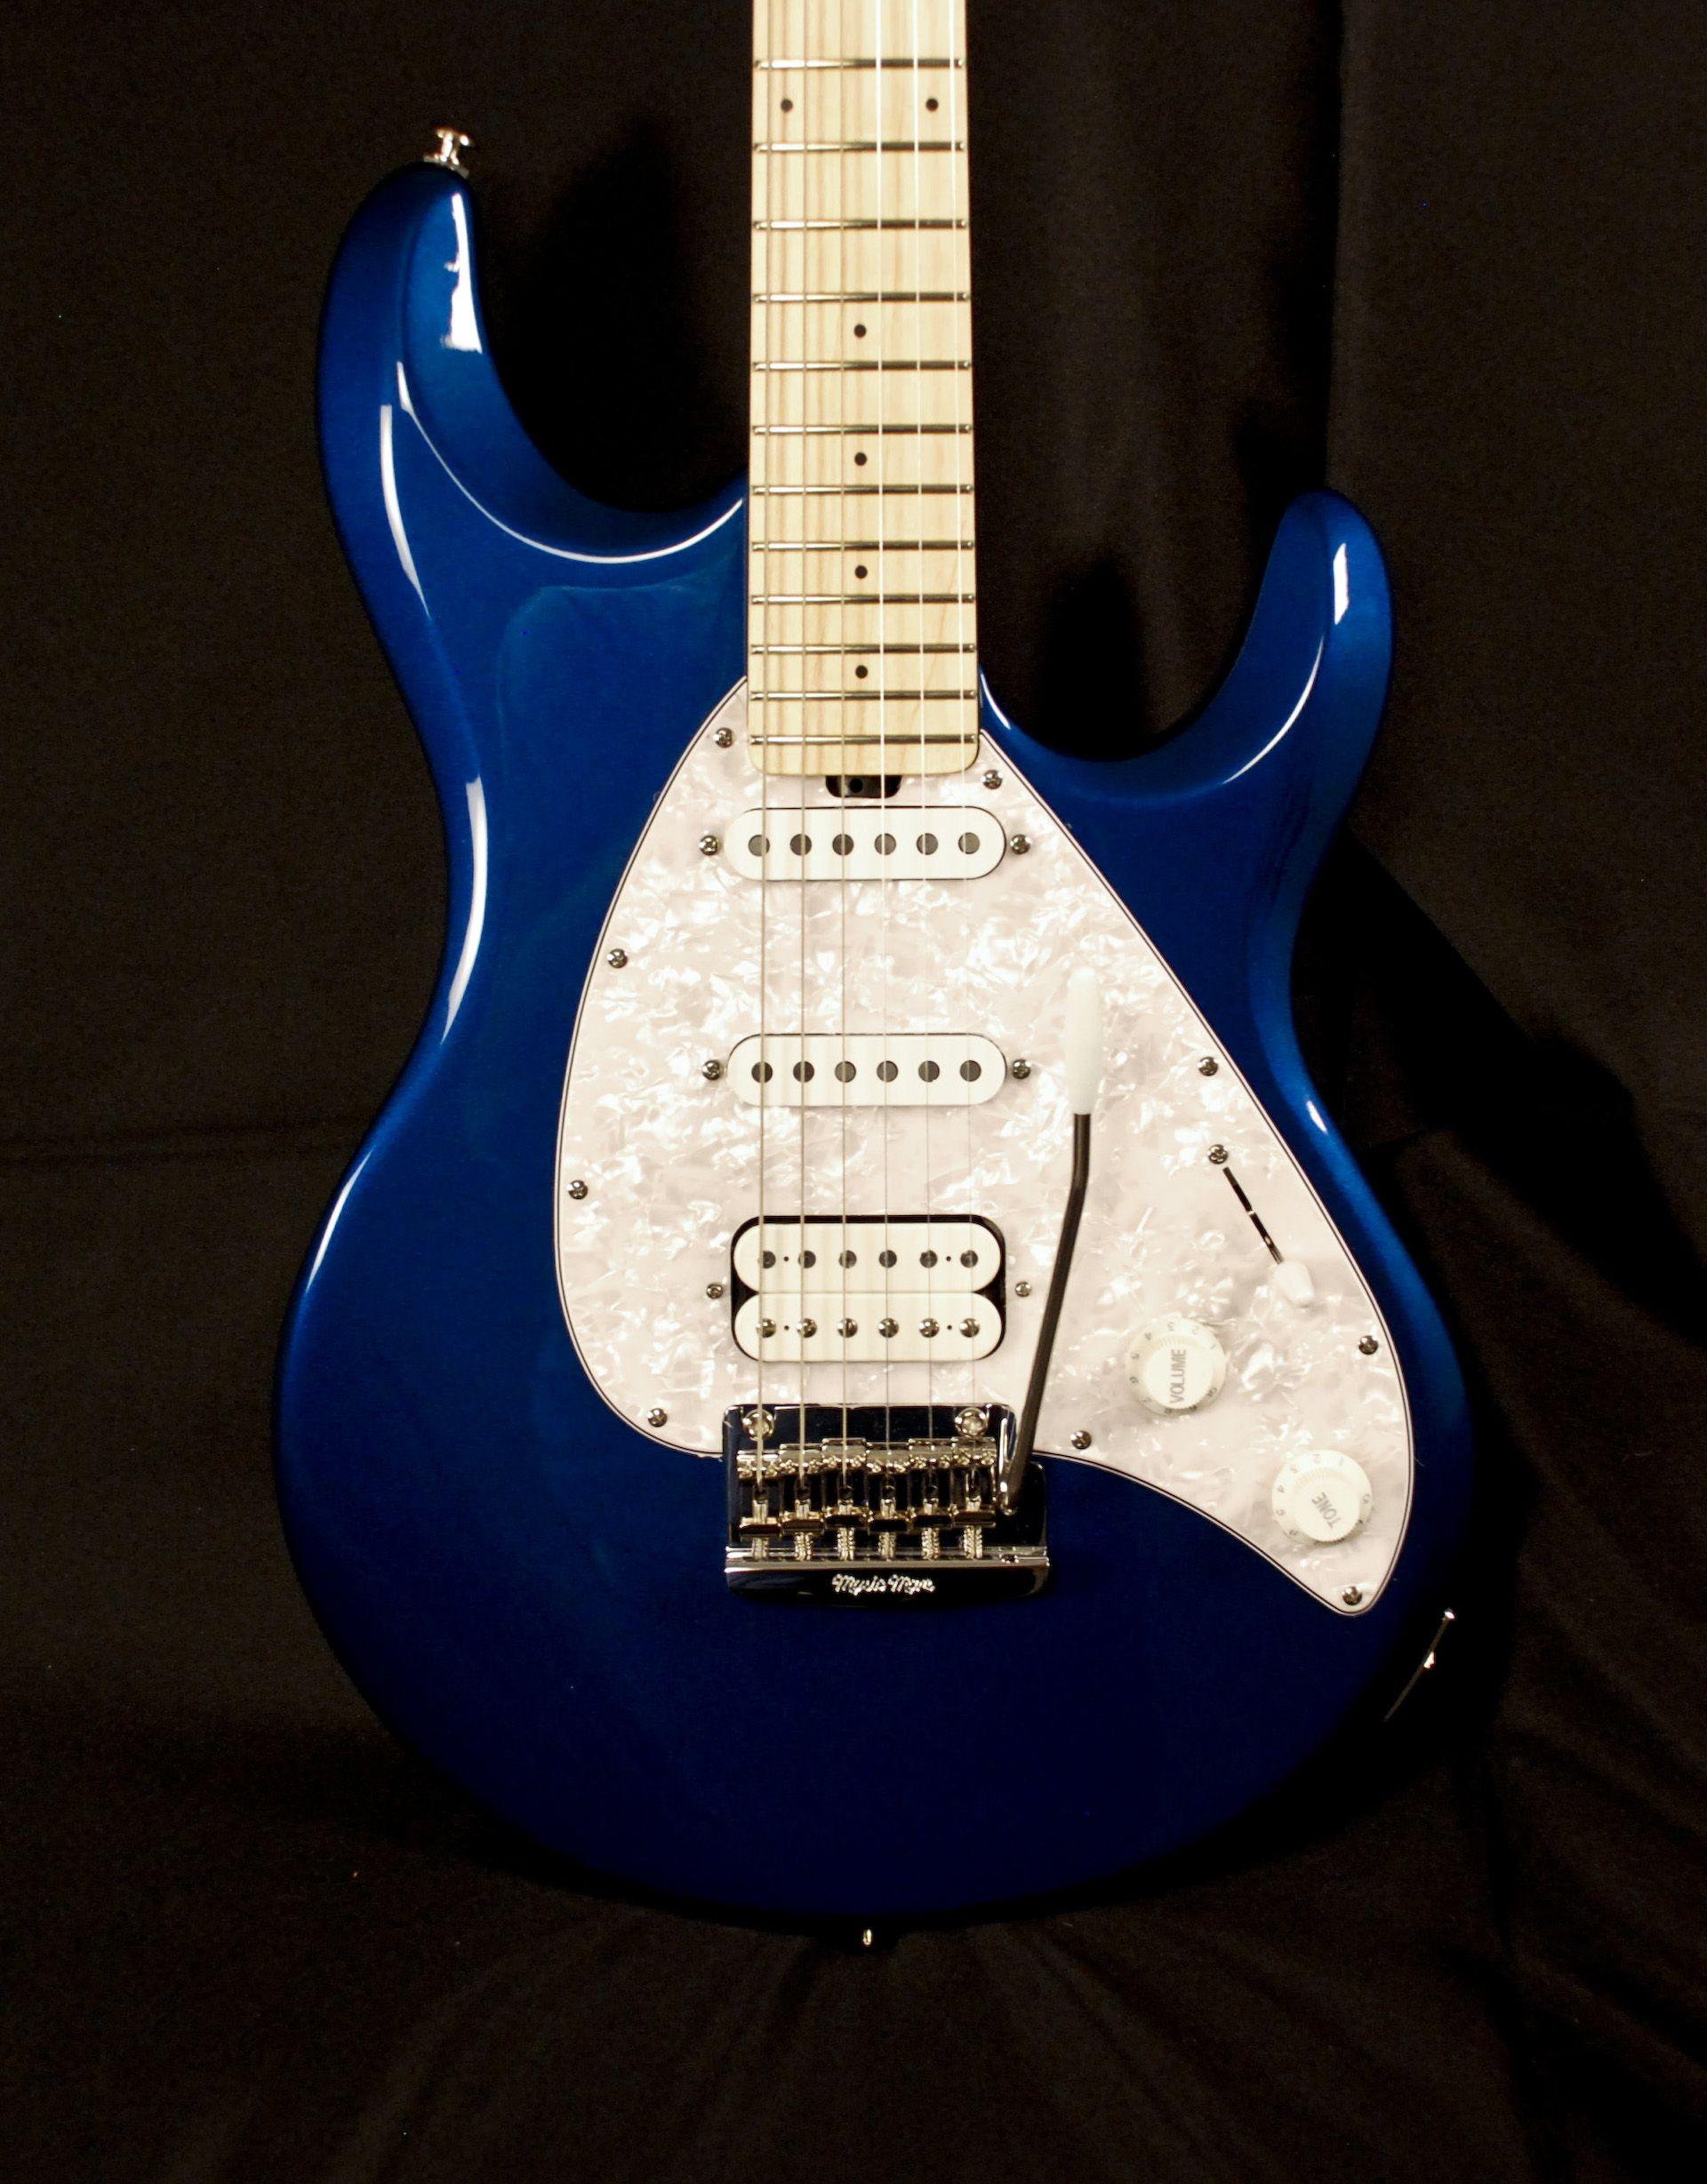 Ernie Ball Music Man Silhouette Special Blue Electric Guitar Electric Guitar Guitar Blue Electric Guitar